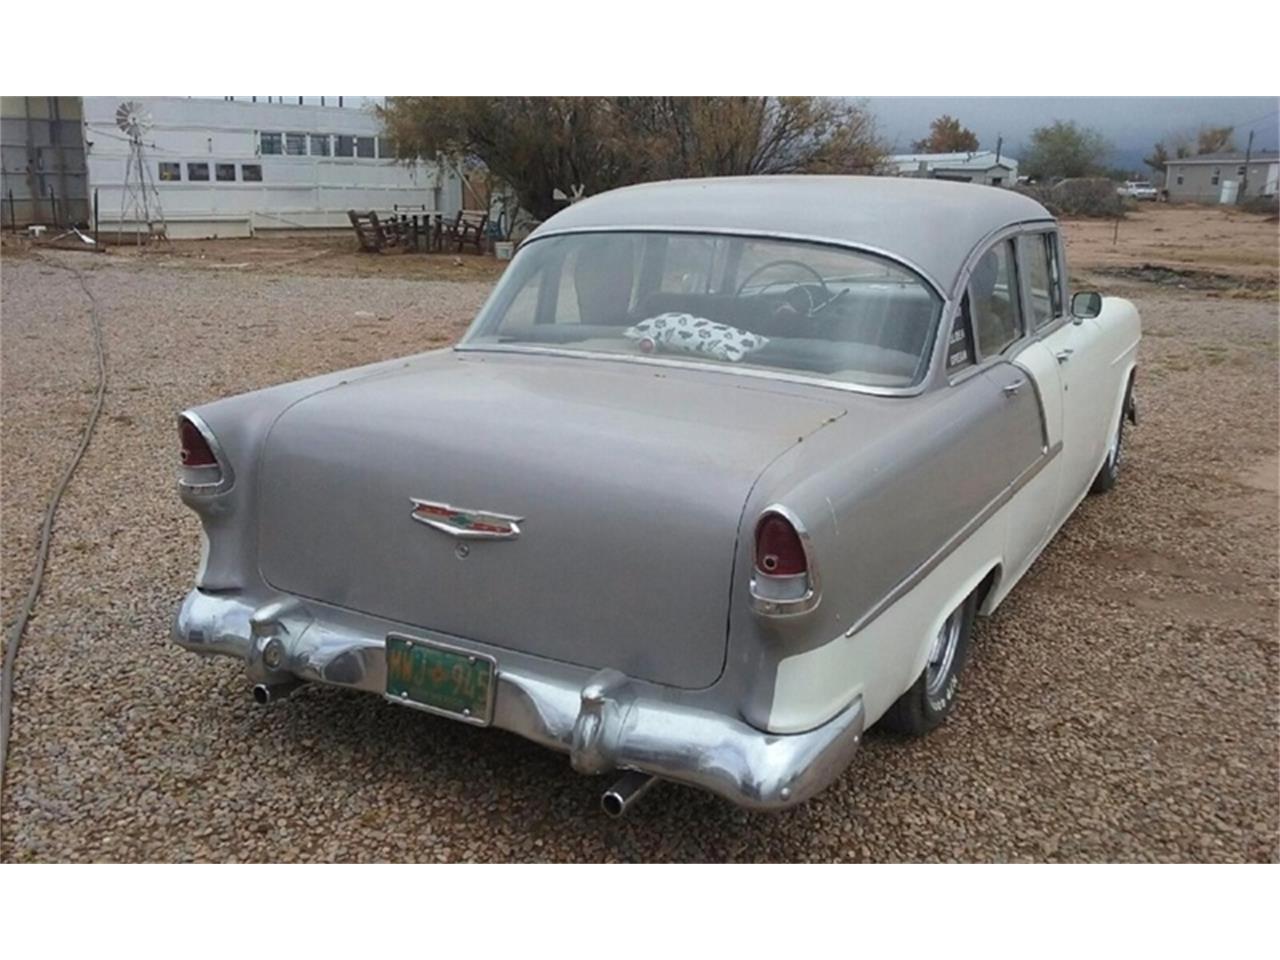 Sale 864 494 4485 1955 Chevy 2dr Post Michaelieclark 2 Door Sedan For Large Picture Of 55 Two Ten 4 Kt1x